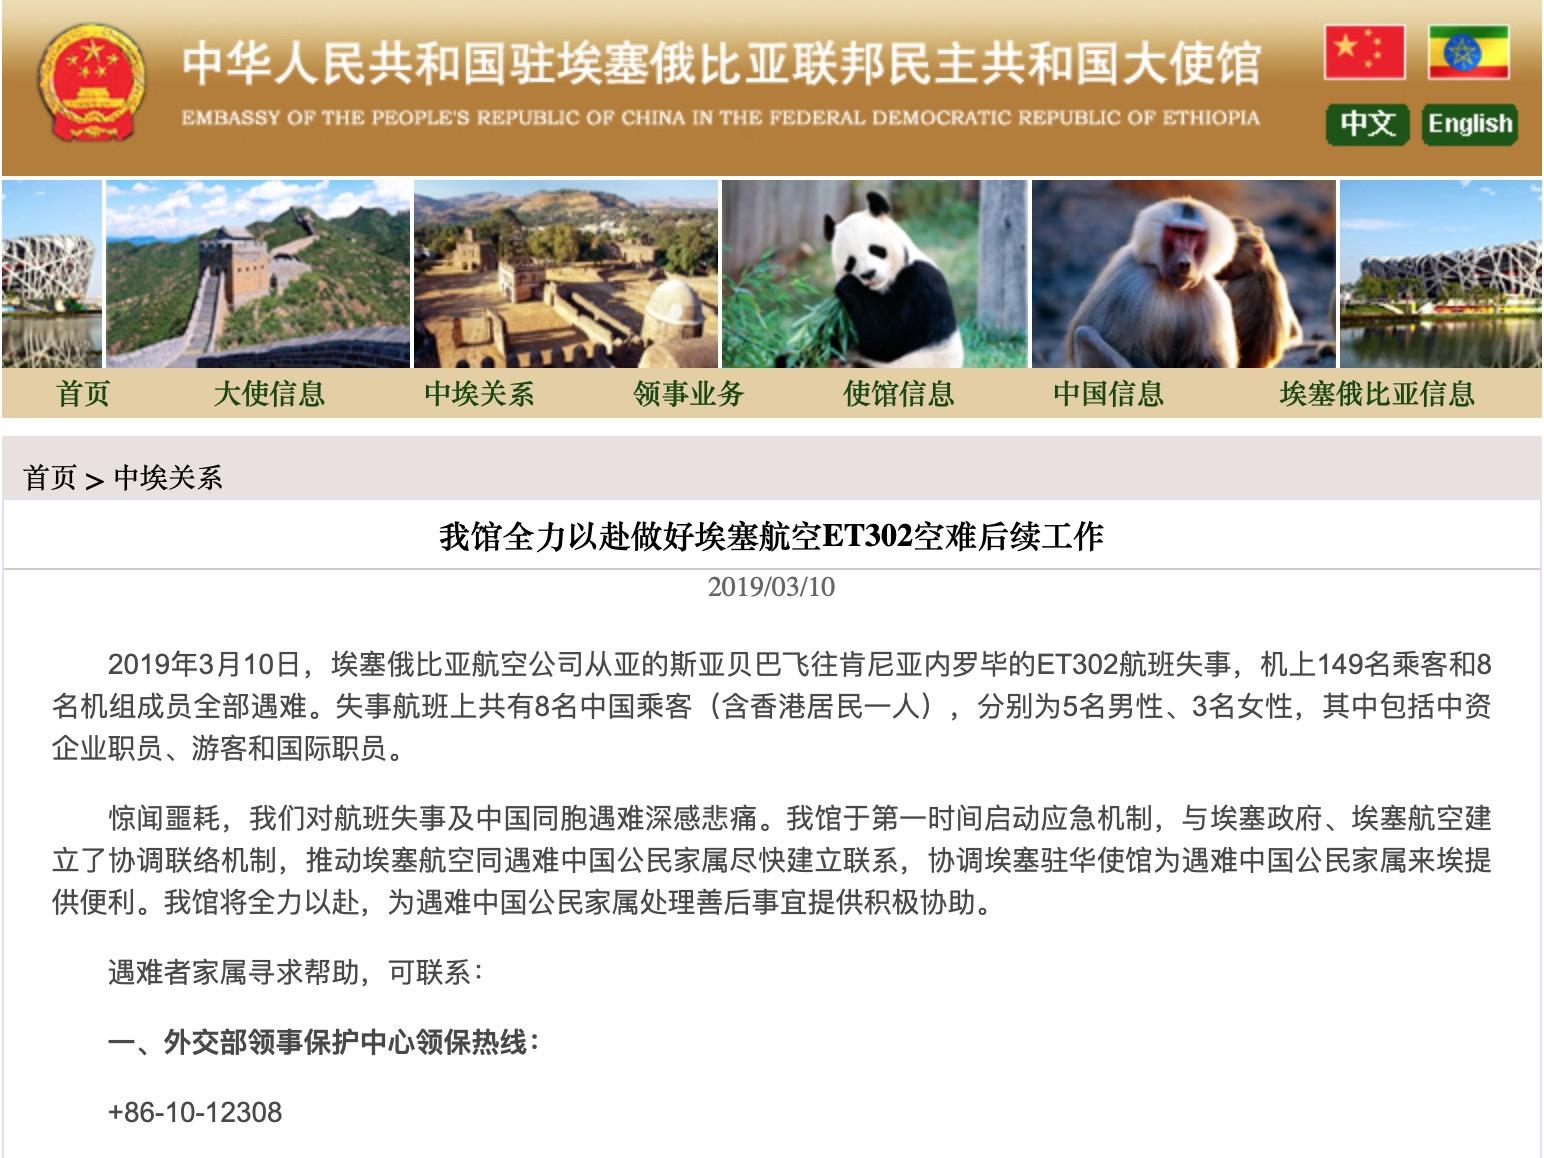 中国驻埃塞大使会见埃塞外交国务部长谈空难善